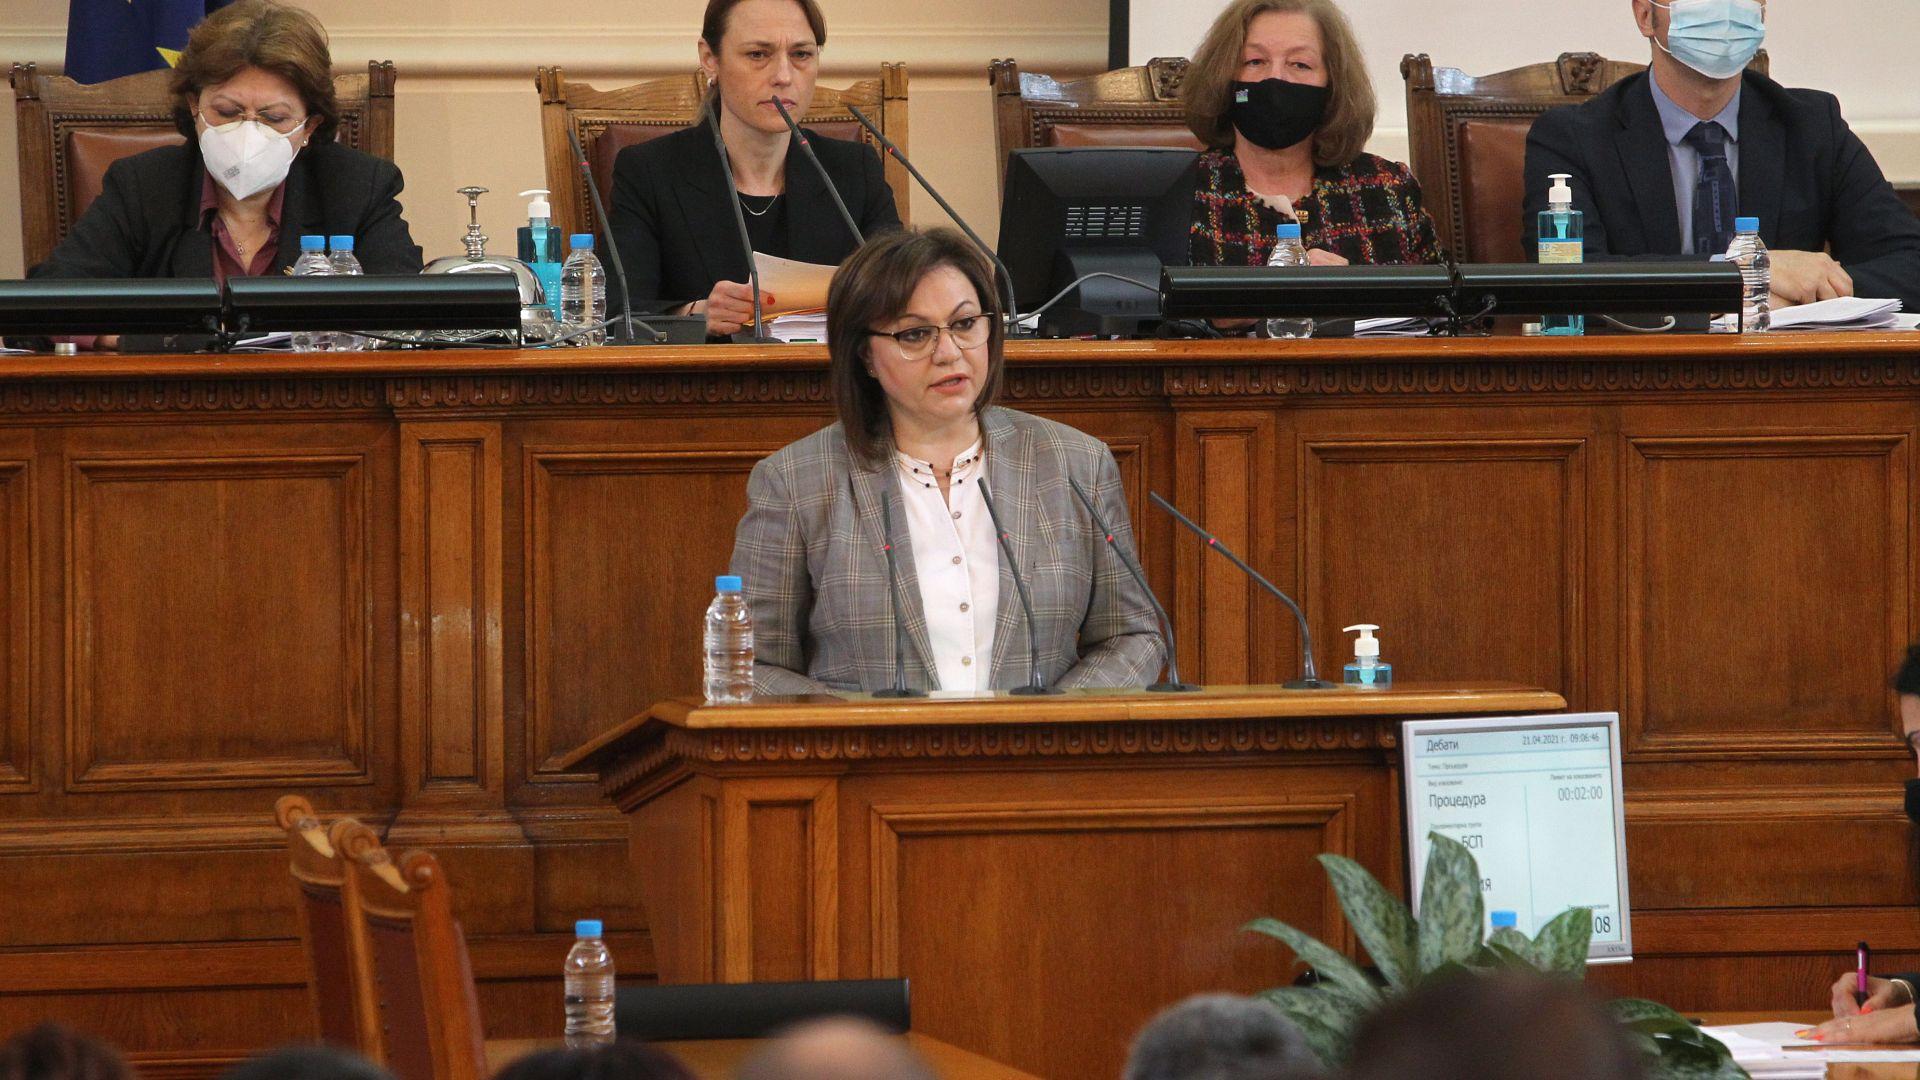 Нинова обвини Цонев, че опитал да отложи мораториума върху концесии, той отрече